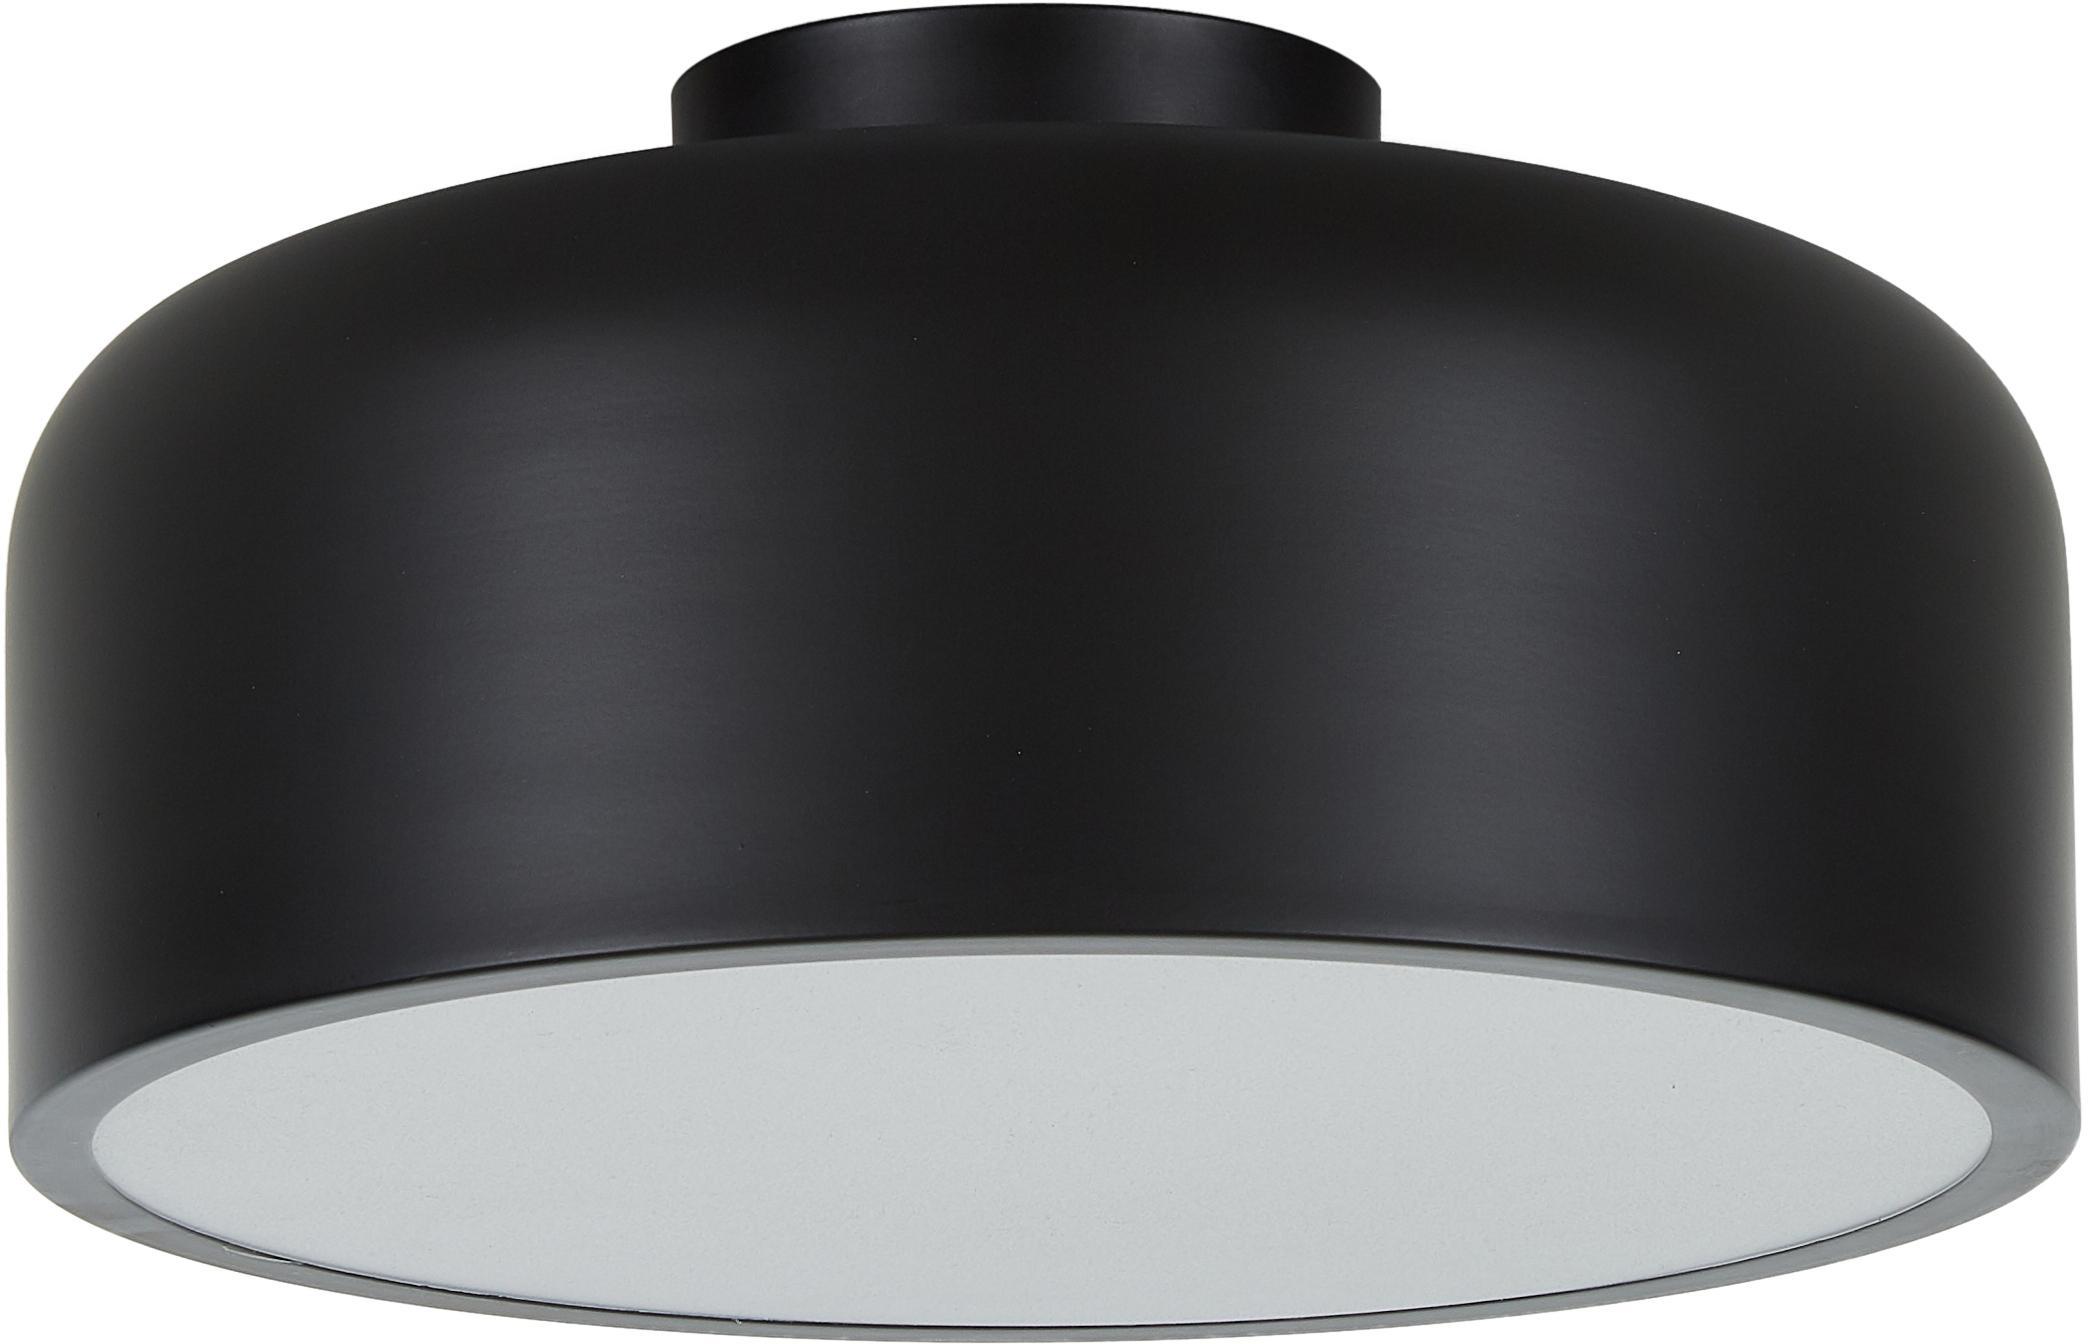 Lampa sufitowa Ole, Czarny, matowy, Ø 35 x W 18 cm